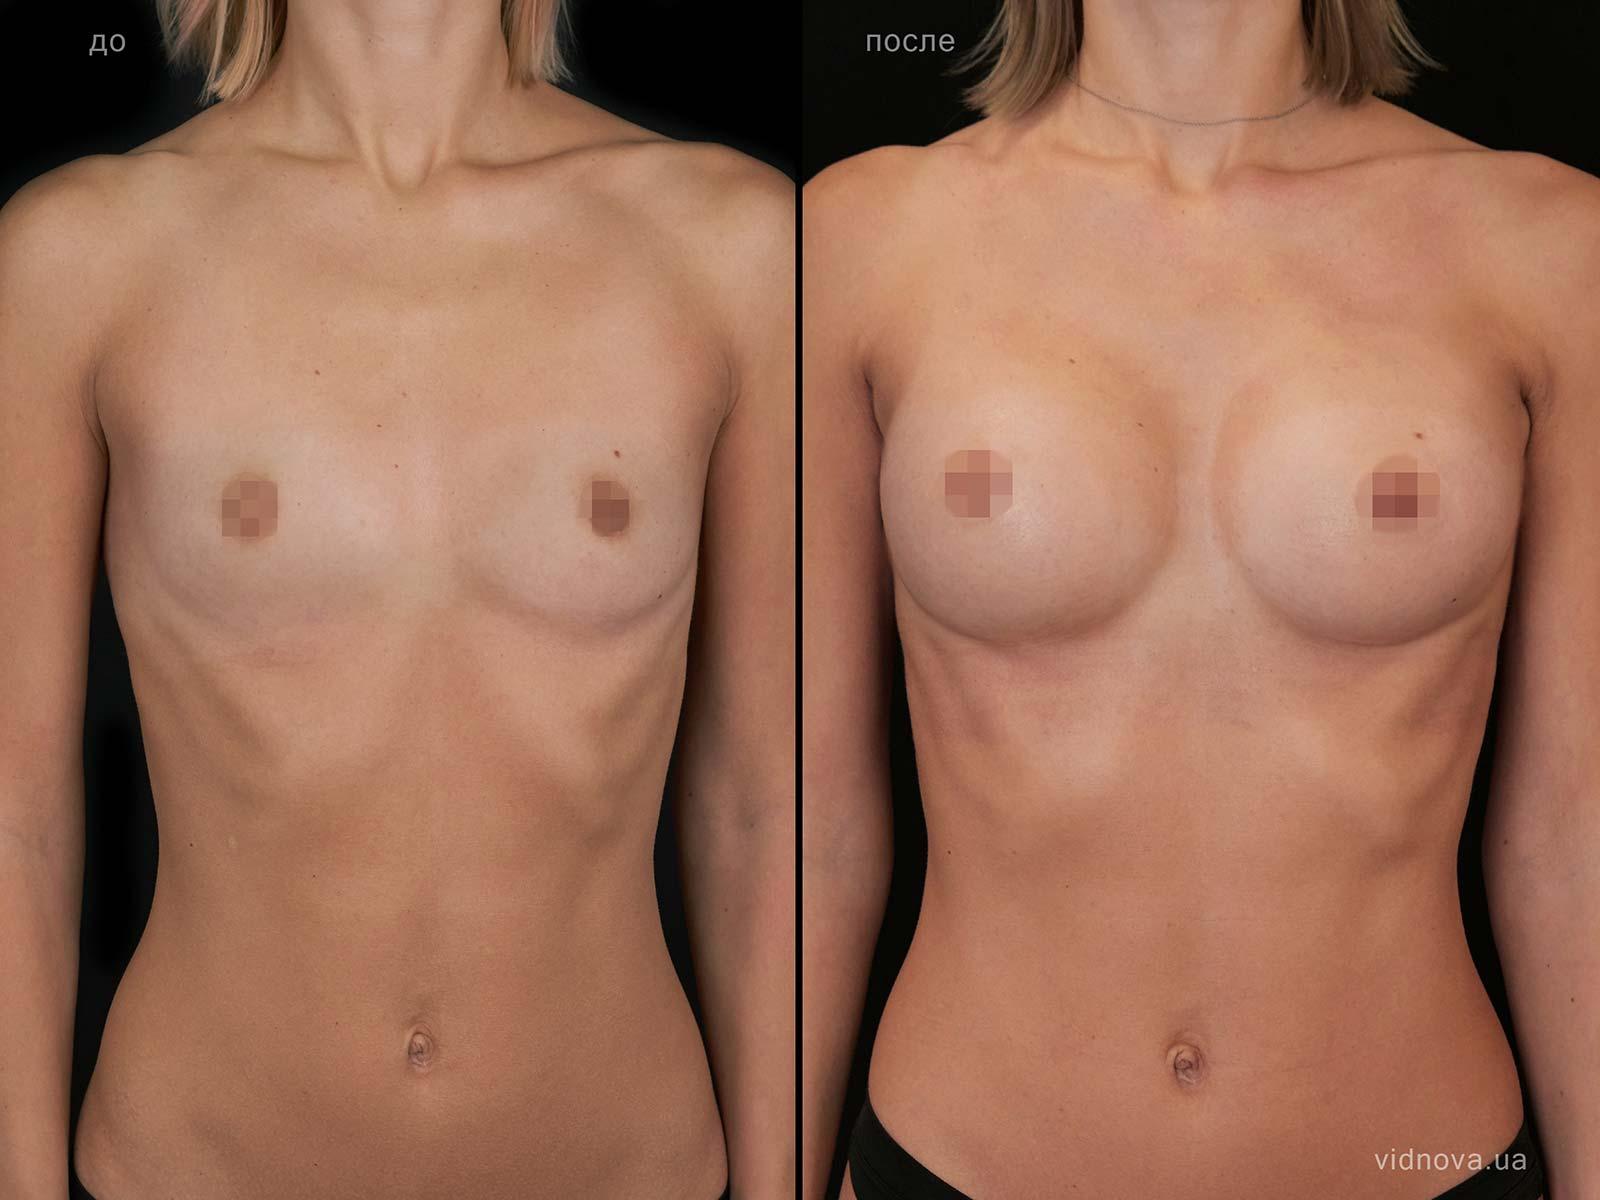 Пластика груди: результаты до и после - Пример №100-0 - Светлана Работенко